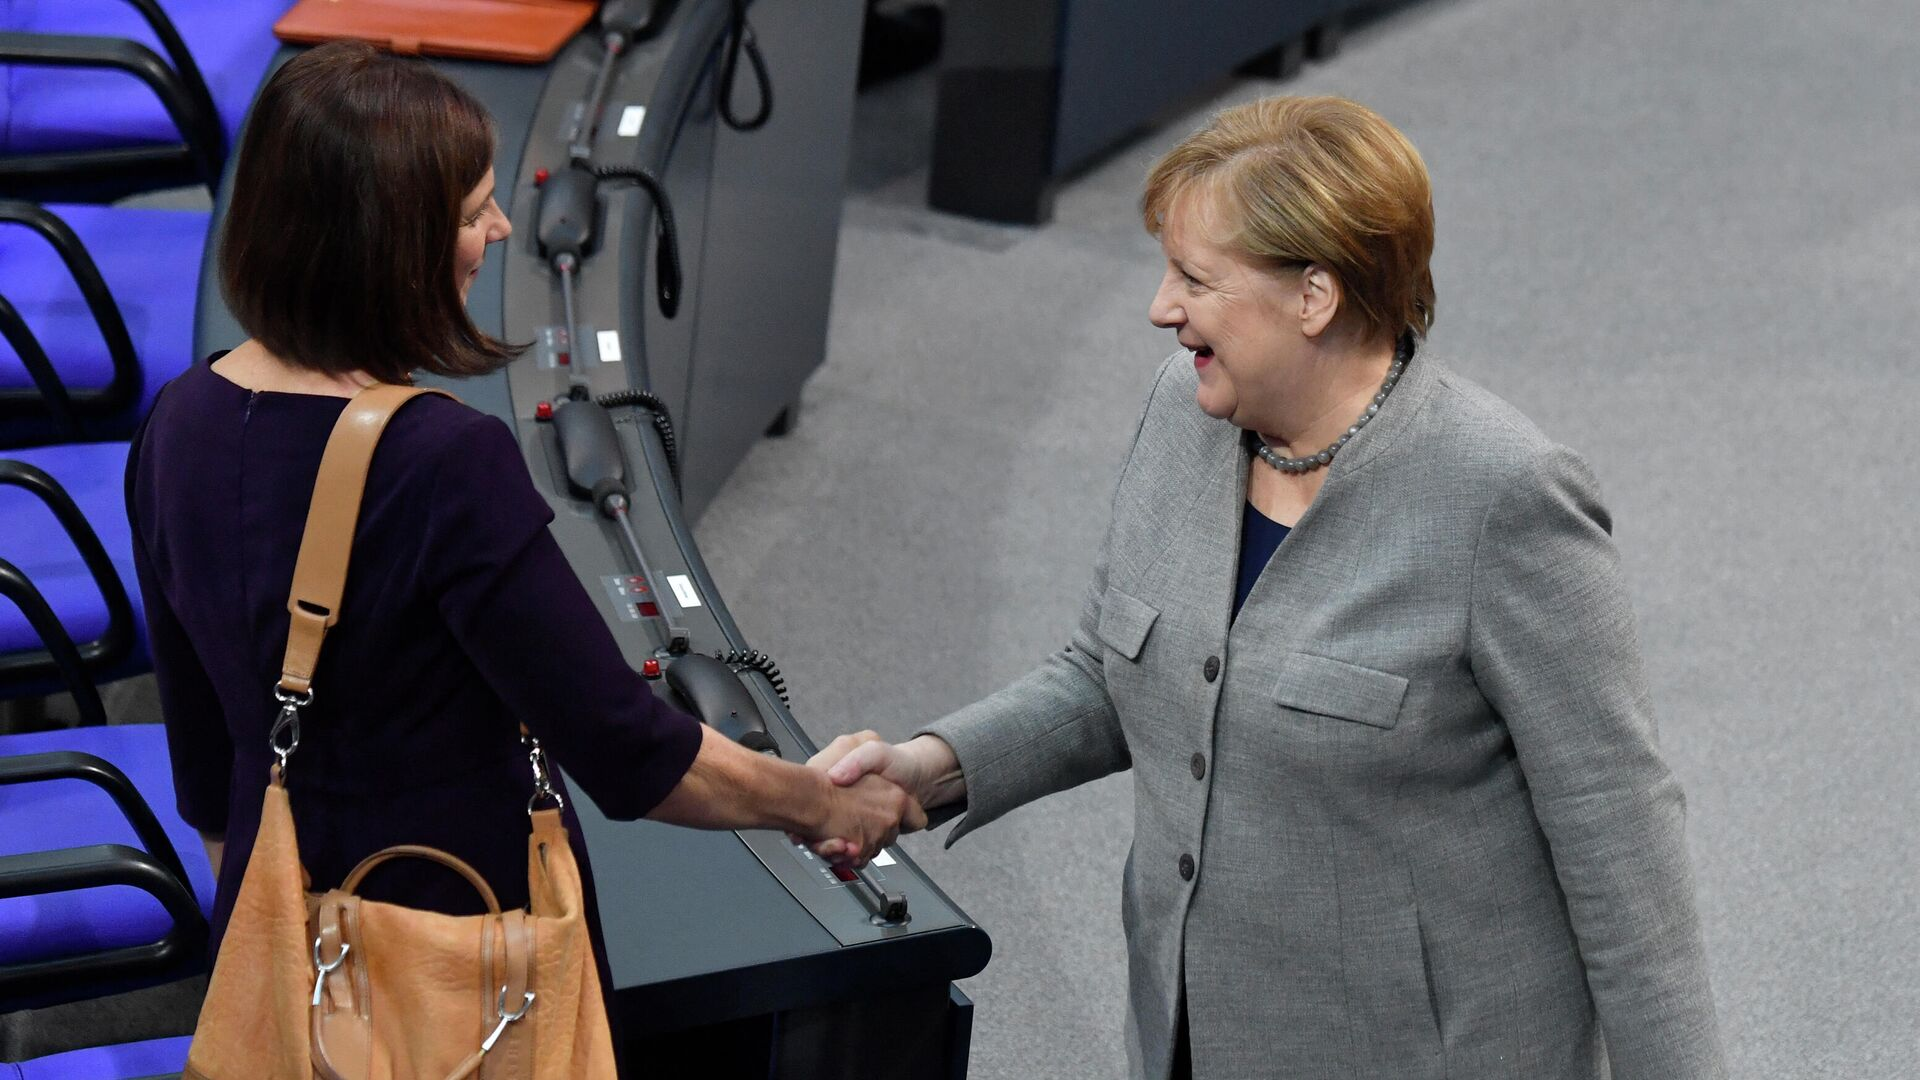 Bundeskanzlerin Angela Merkel gibt Katrin Göring-Eckardt, Fraktionsvorsitzender der Grünen, die Hand, Dezember 2019. Symbolfoto - SNA, 1920, 09.03.2021